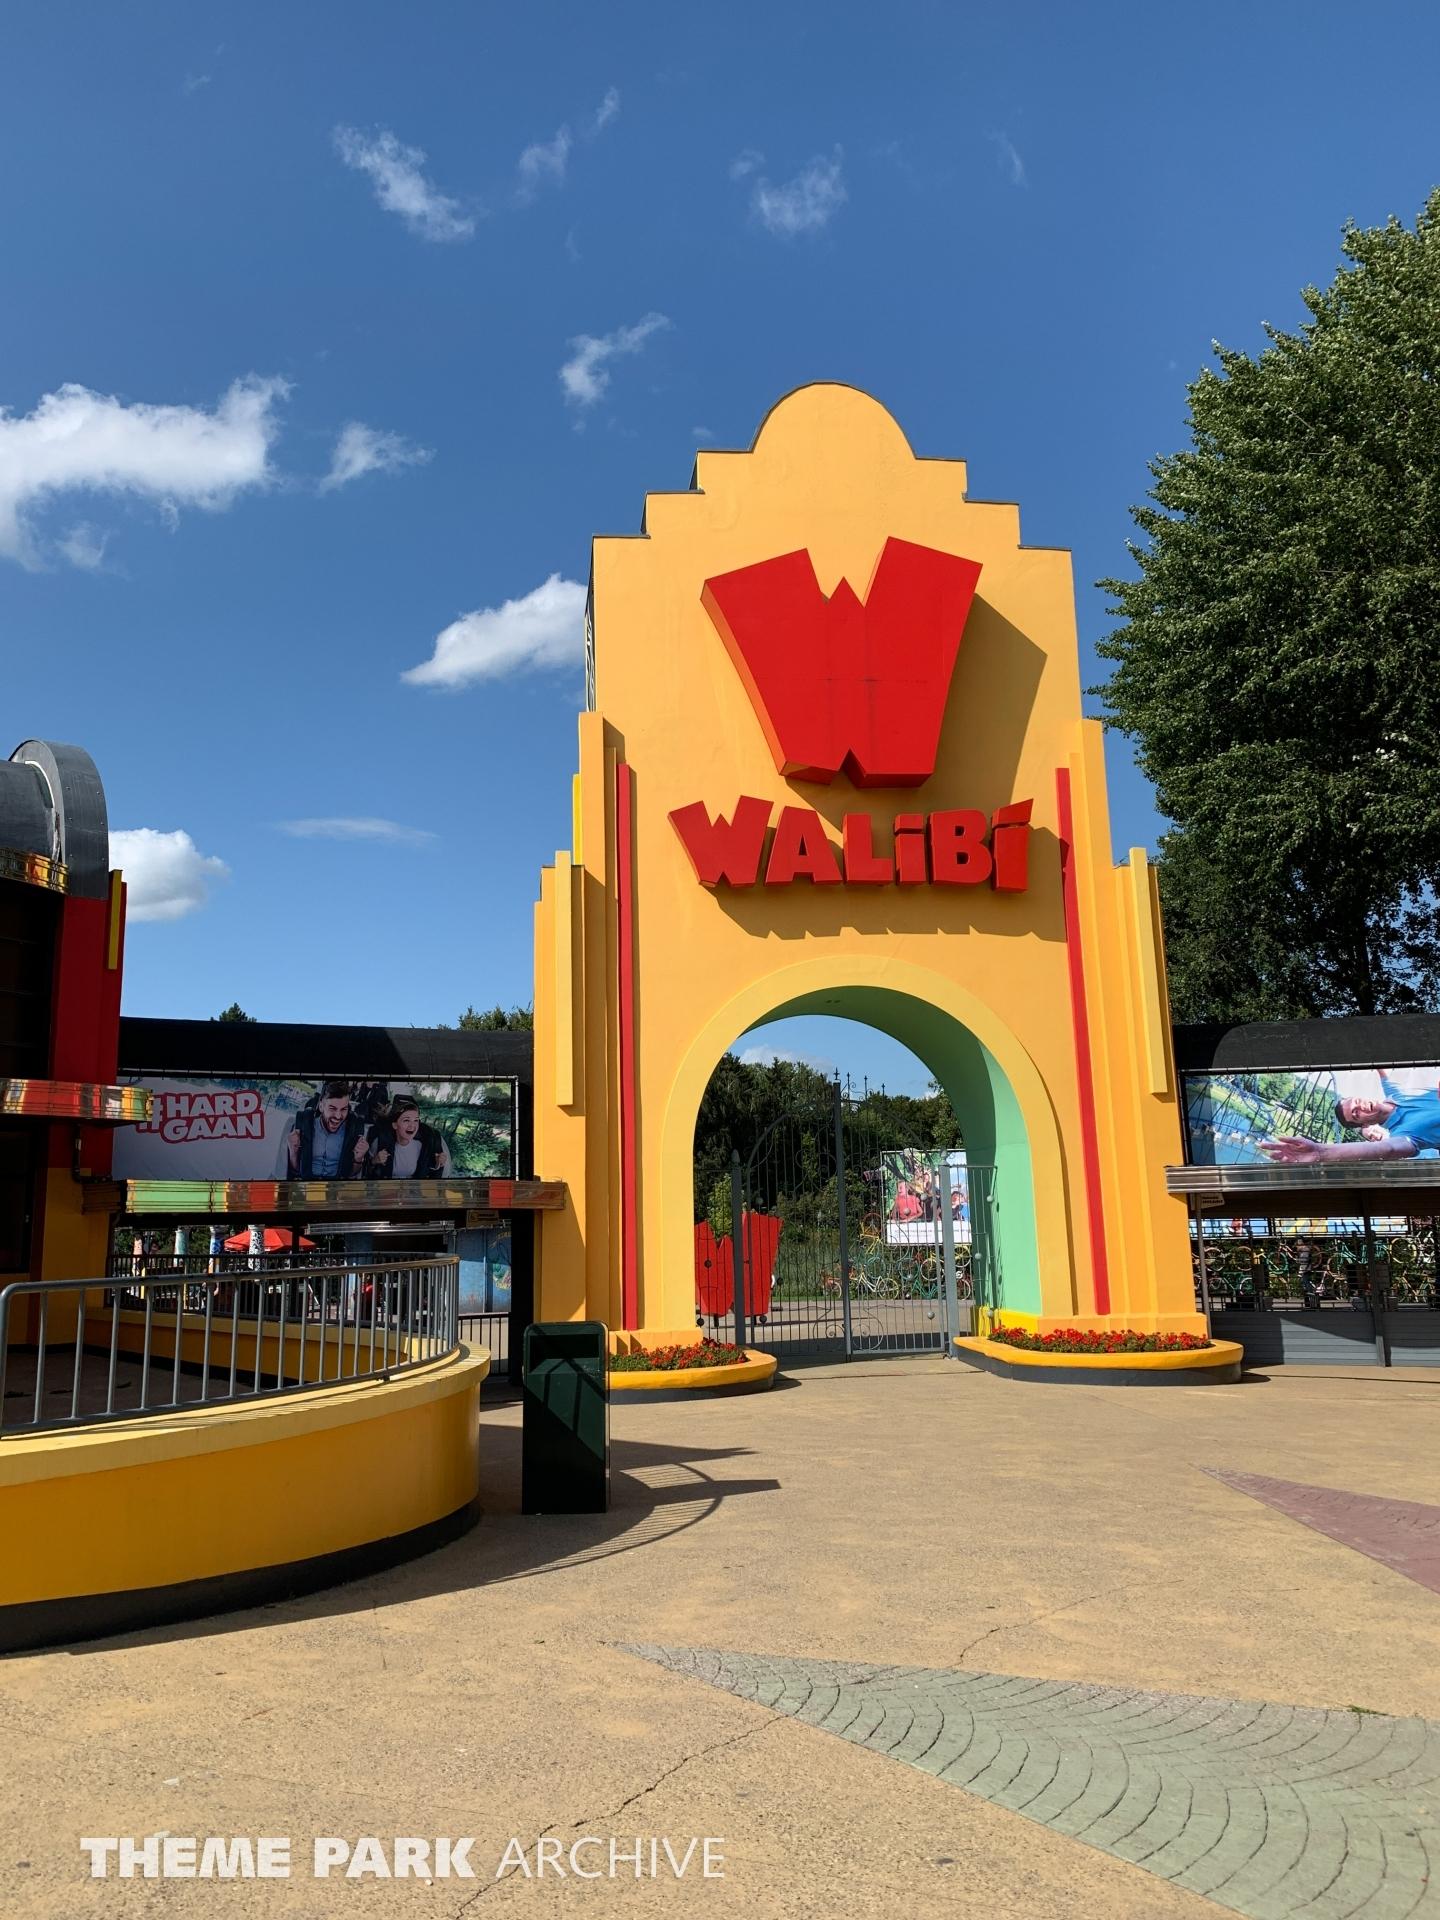 Entrance at Walibi Holland